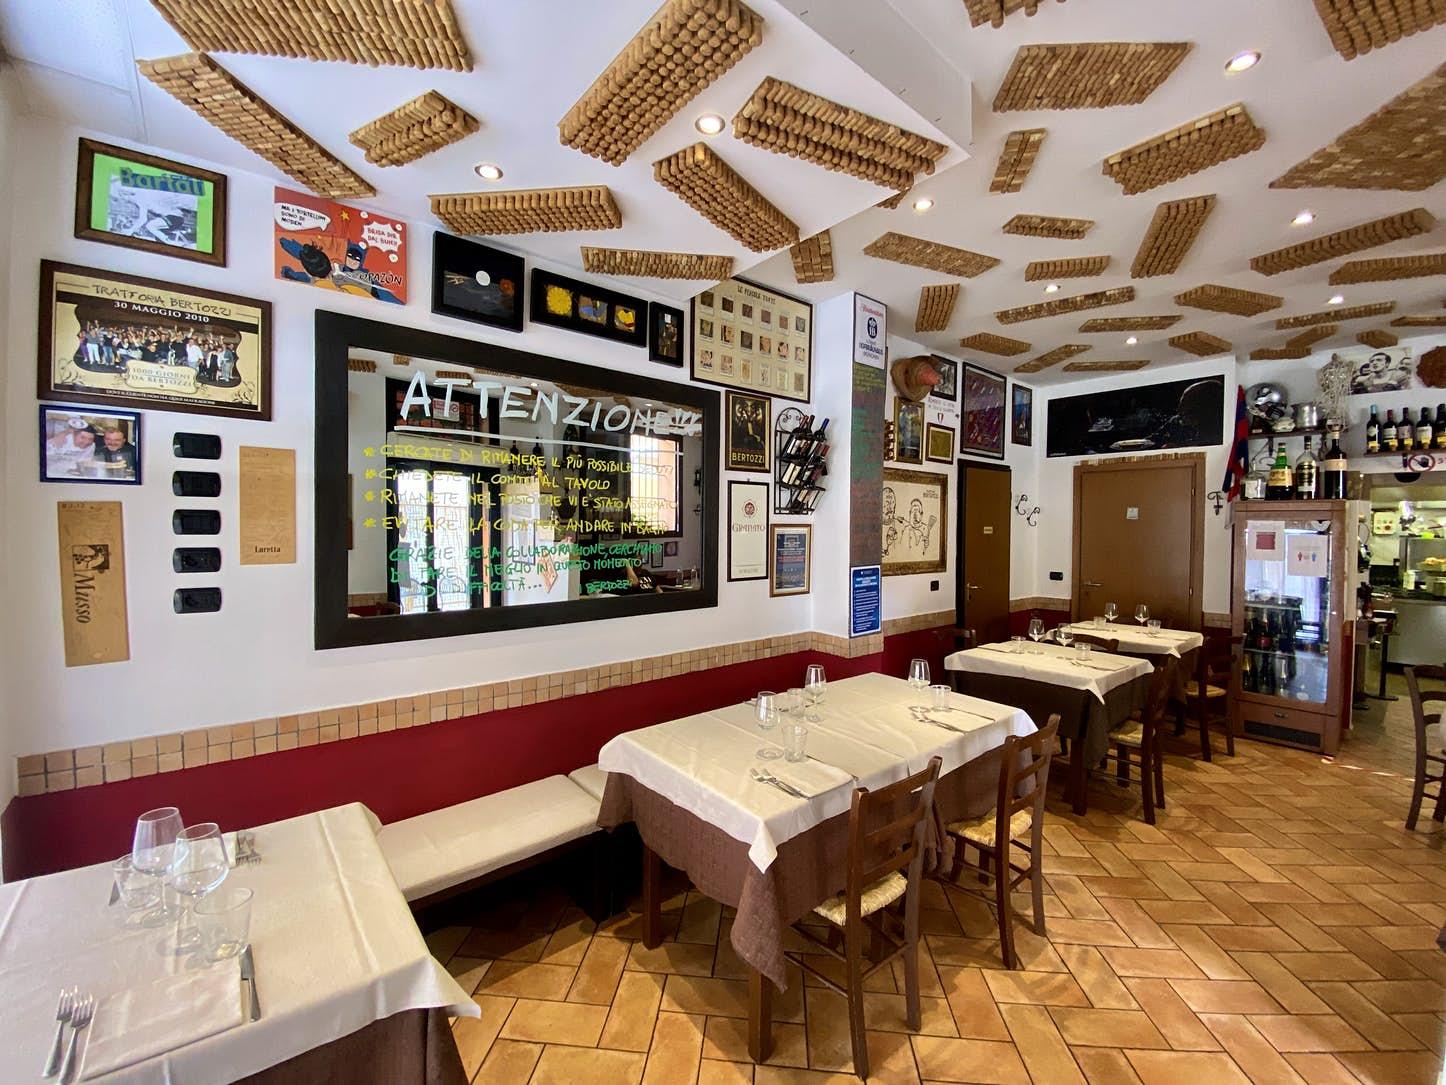 Ο καθρέφτης στην Trattoria Bertozzi γράφει πάνω τους νέους κανονισμούς του εστιατορίου